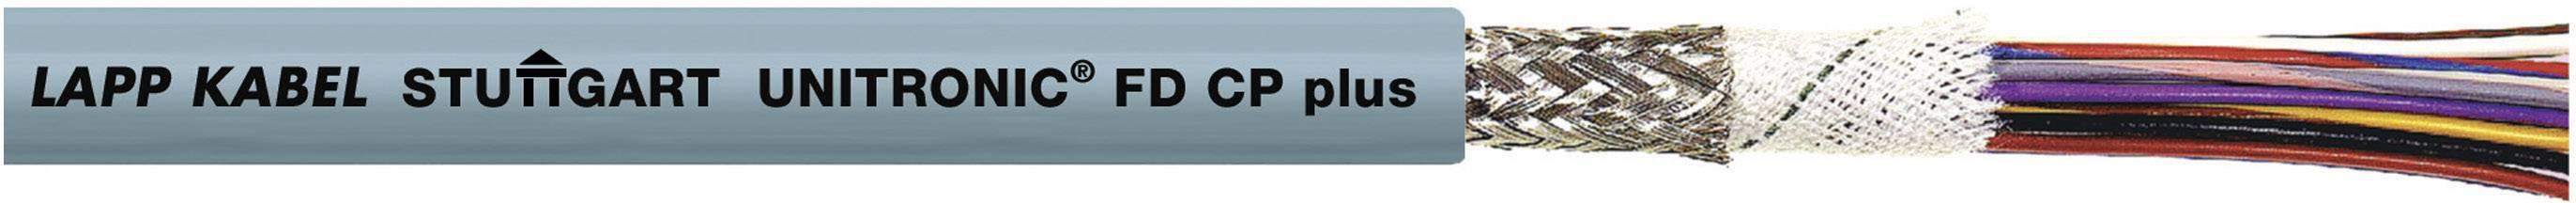 Datový kabel LappKabel UNITRONIC FD CP PLUS 3X0,34 (0028899), 3x 0,34 mm², Ø 5,6 mm, stíněný, 100 m, šedá